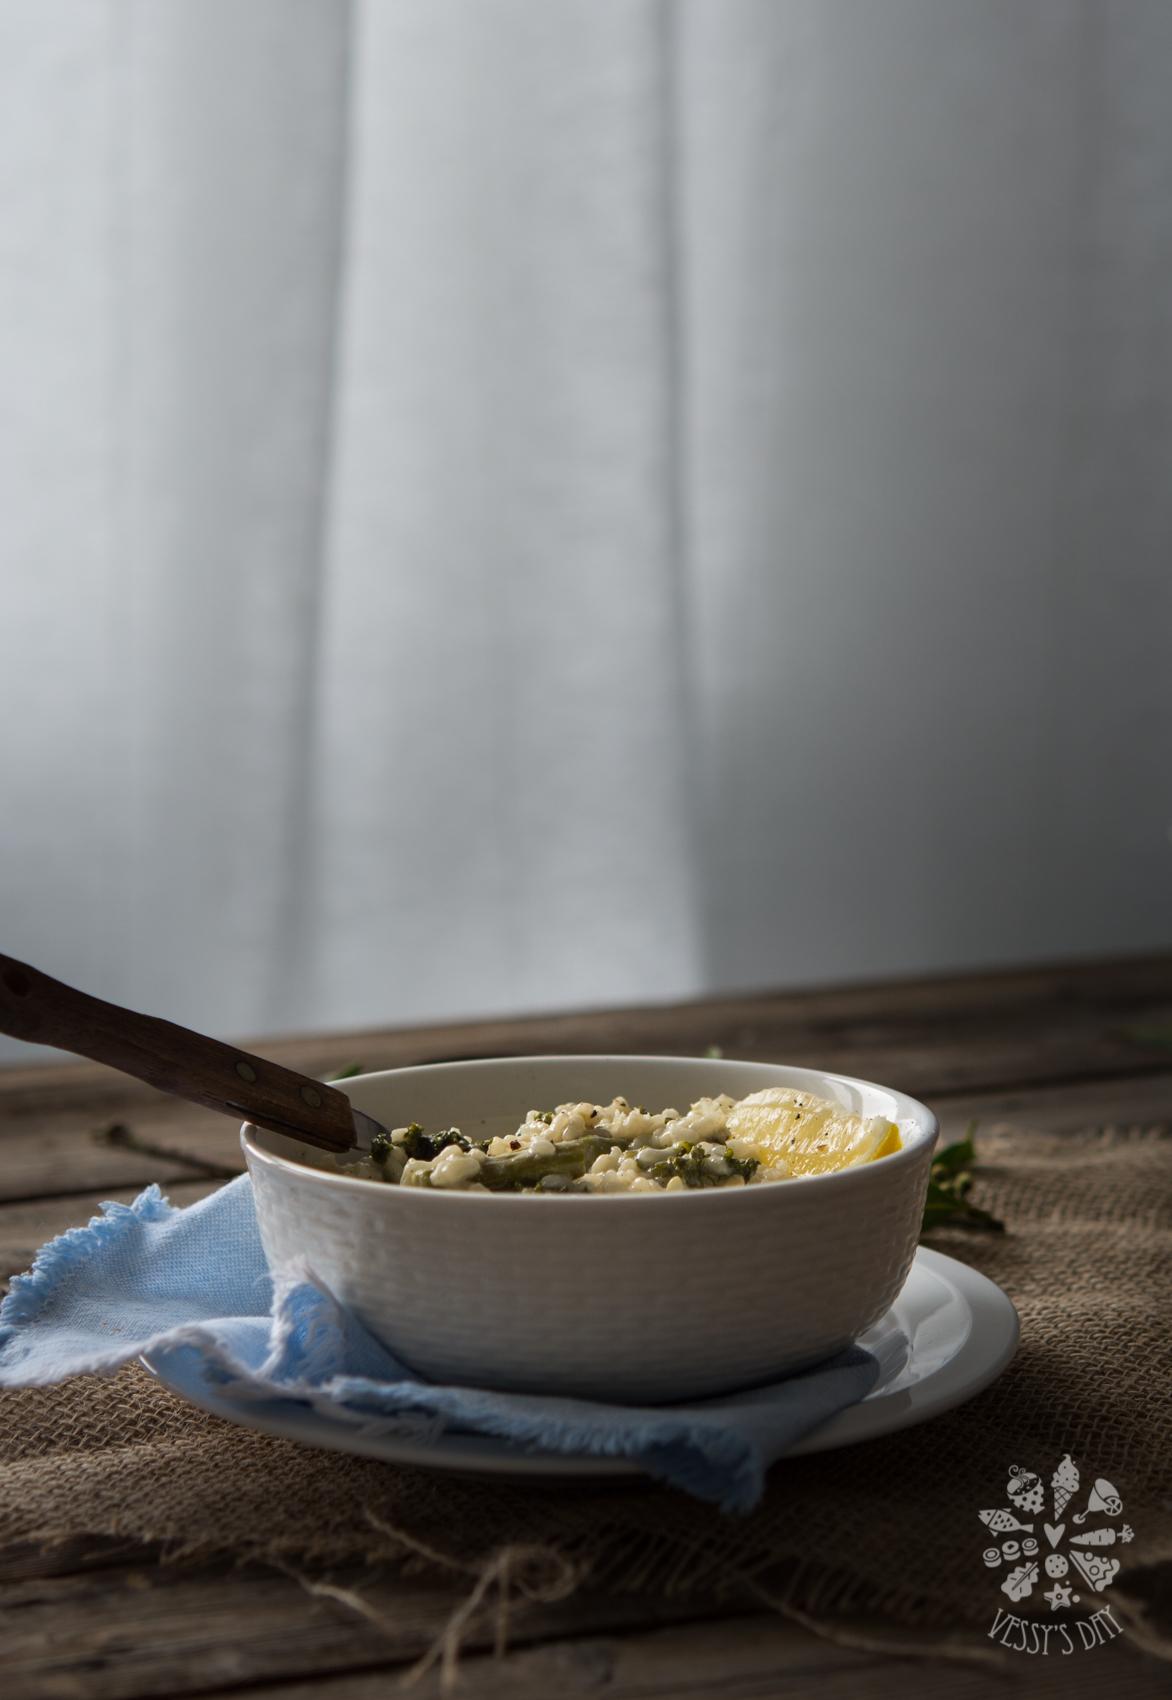 Asparagus & kale risotto